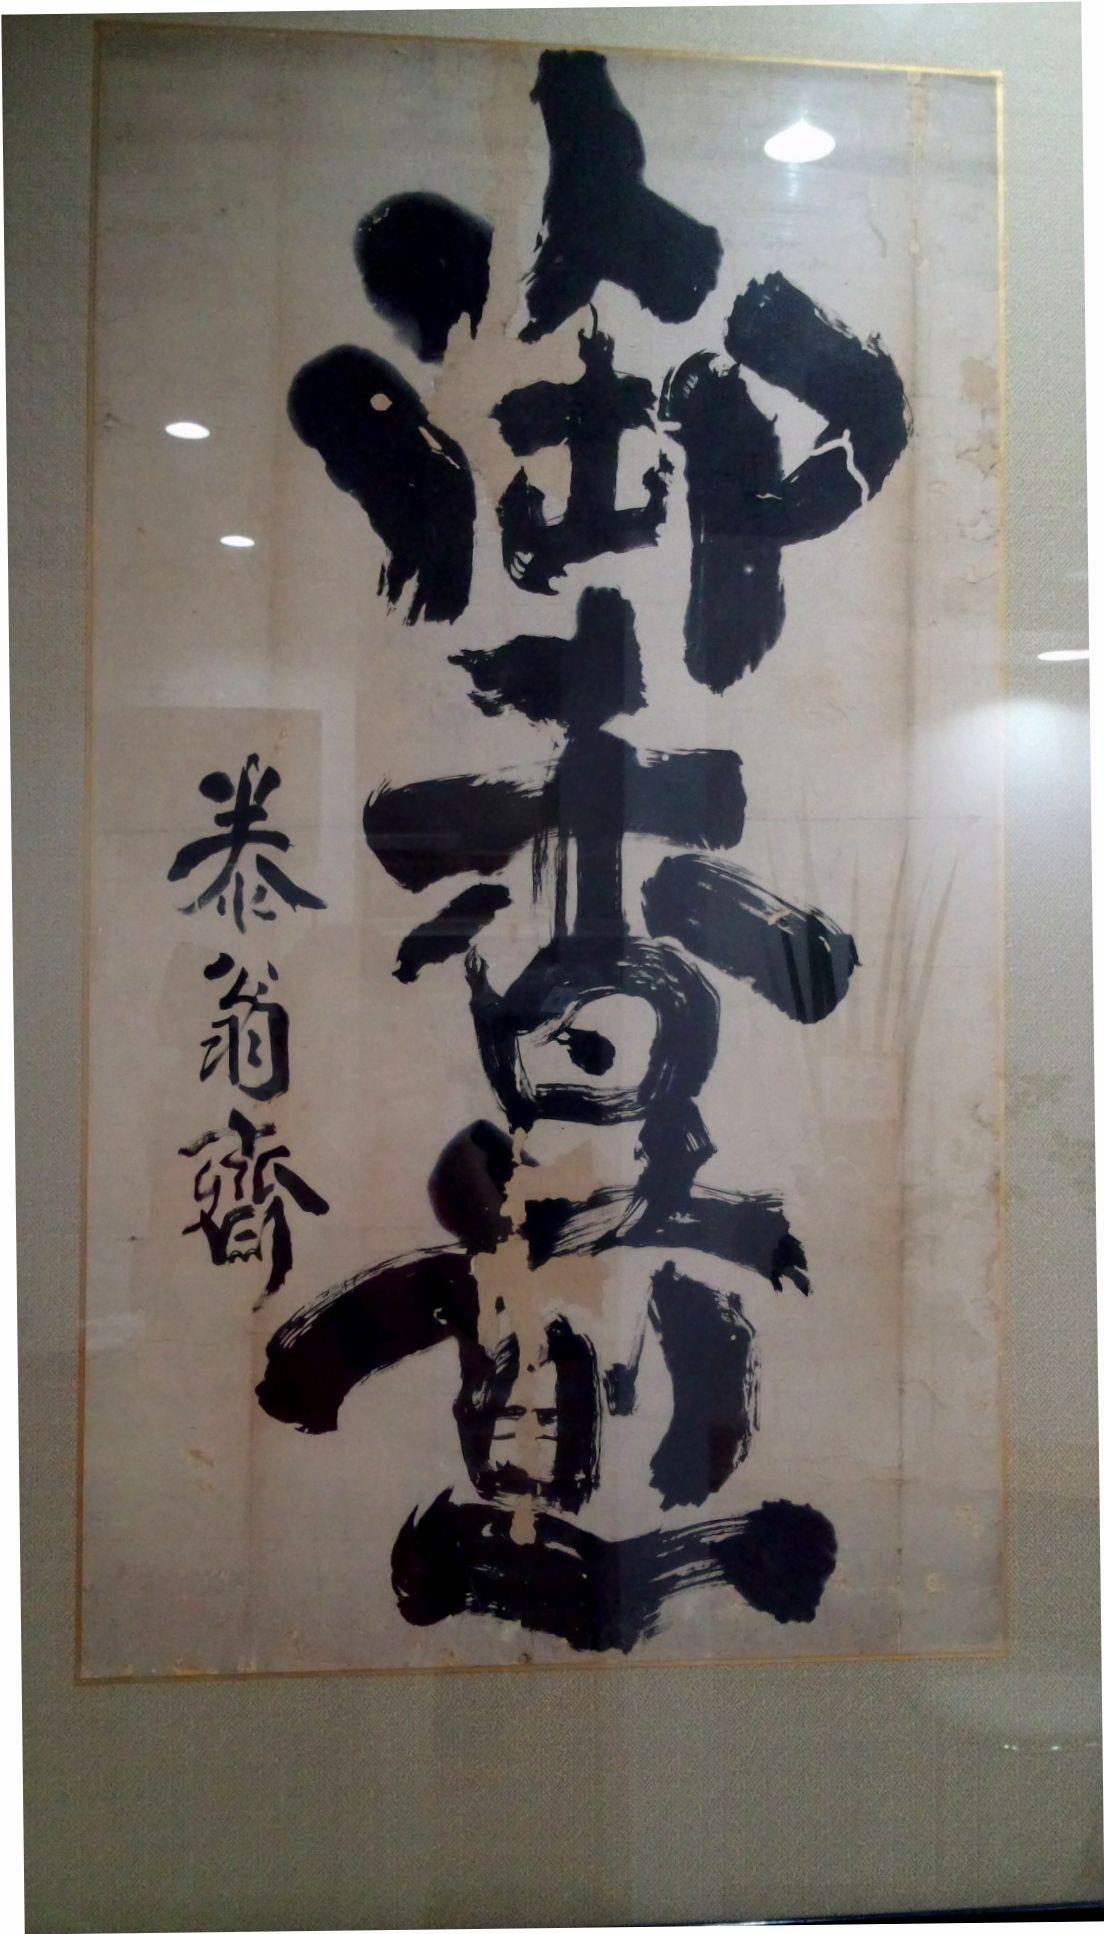 京都土産でもトップランク・原了郭が作る一子相伝の香煎・薬味。これが癖になると大評判!